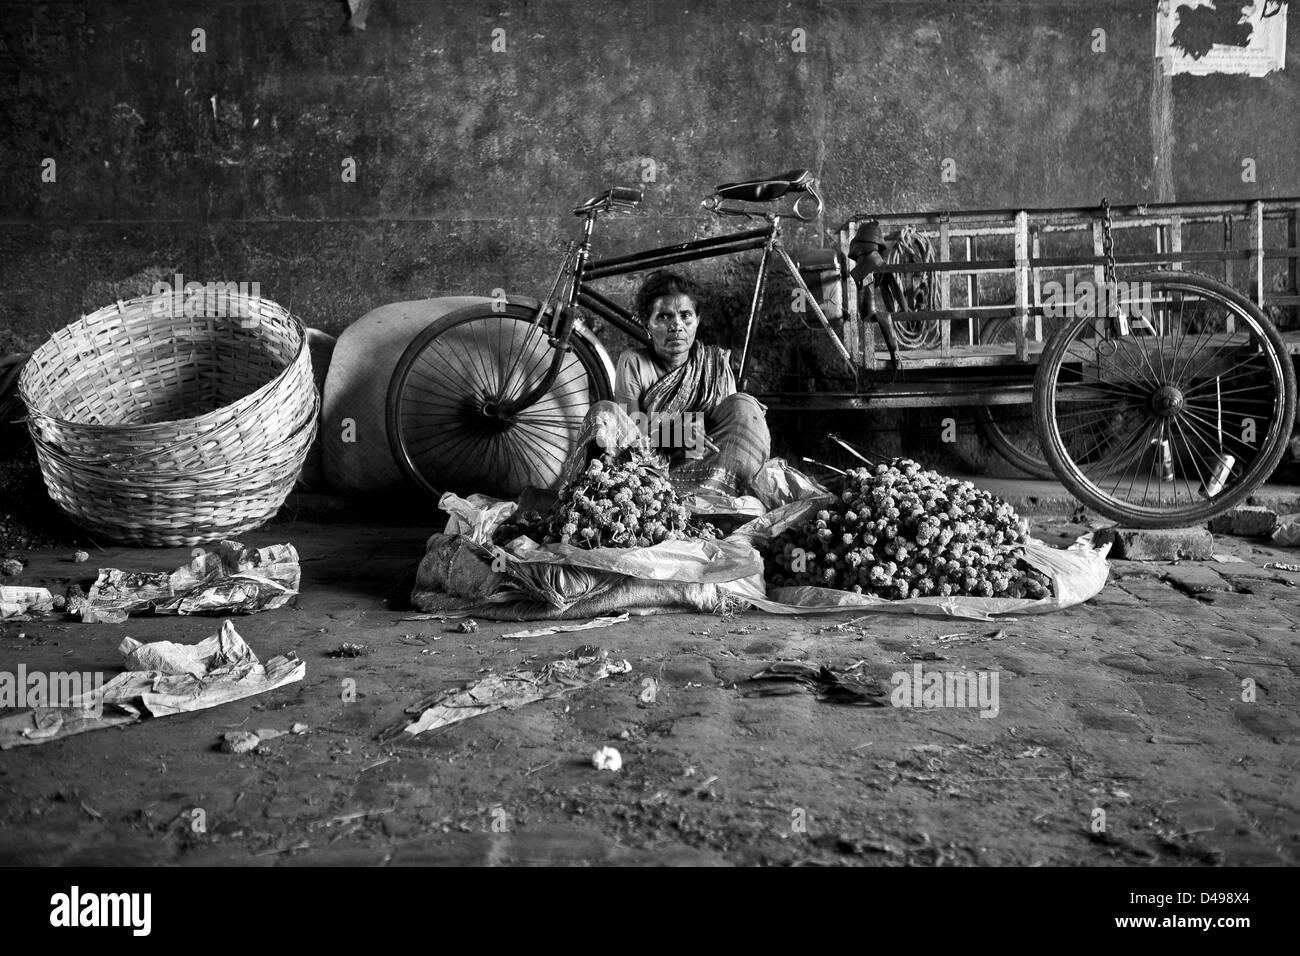 woman flower seller, Howrah flower market Calcutta - Stock Image